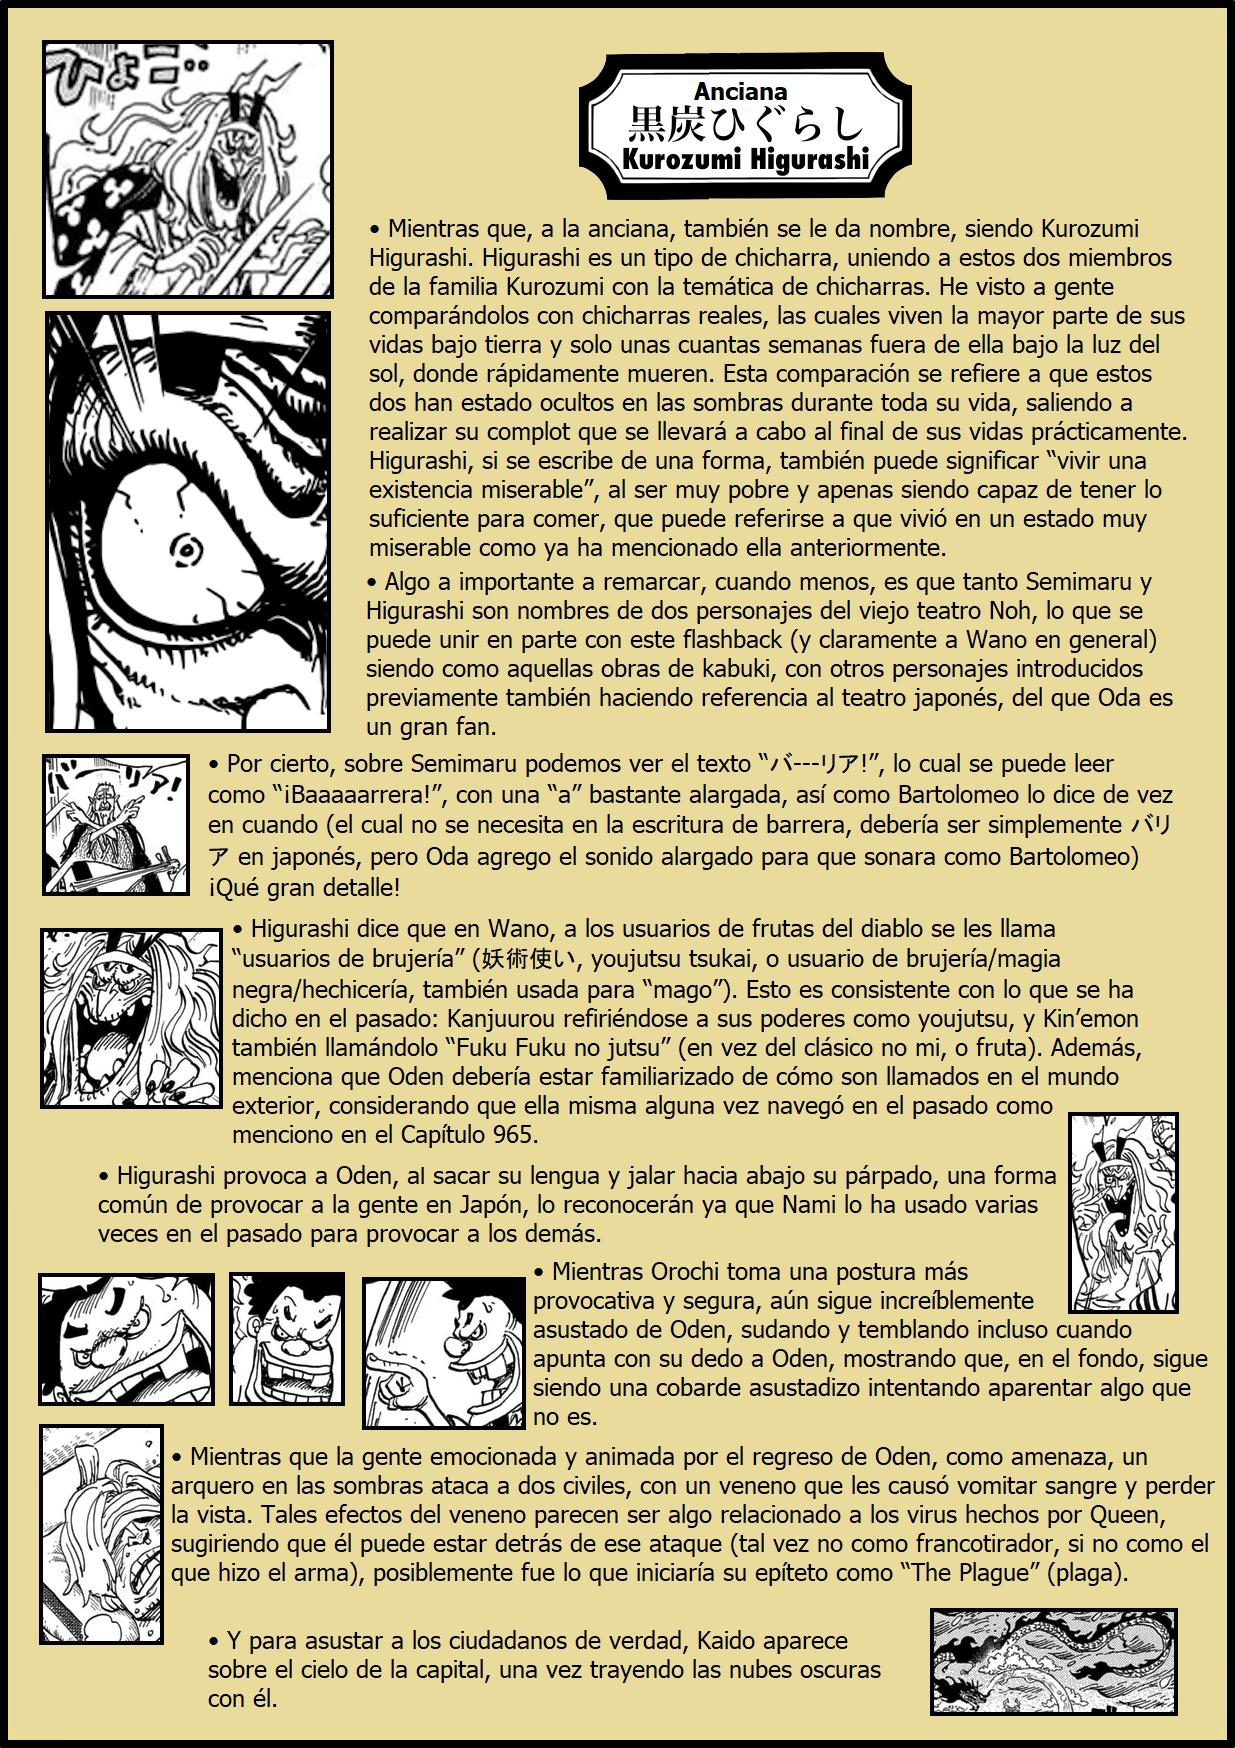 Secretos & Curiosidades - One Piece Manga 969 04